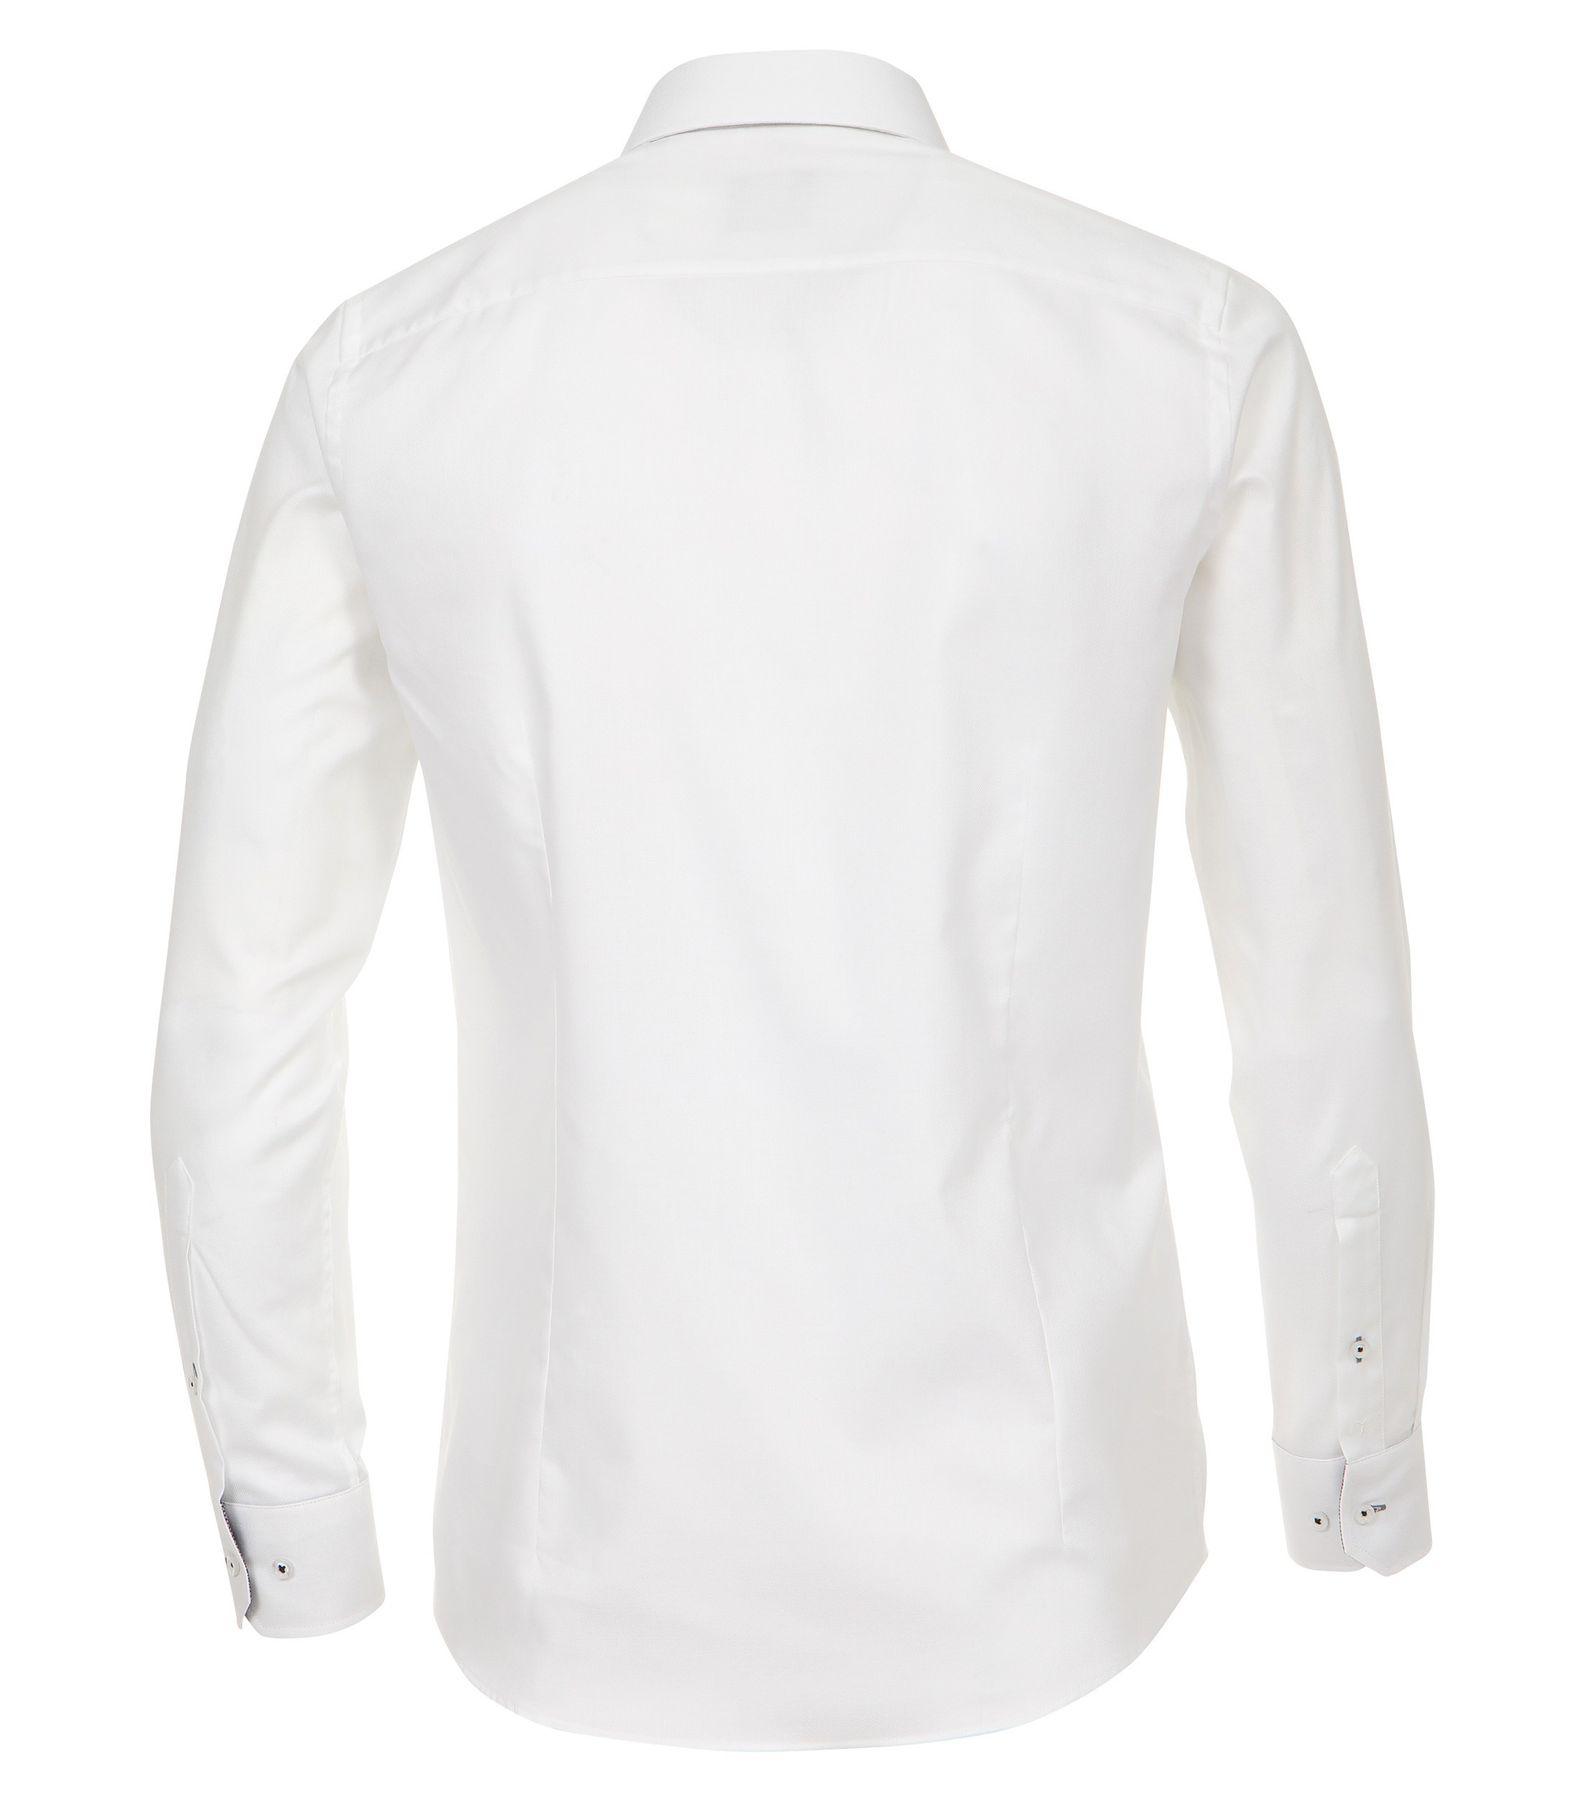 Venti - Slim Fit - Herren Langarm Hemd aus 100% Baumwolle mit Kent Kragen in verschiedenen Farben (172678600) – Bild 8